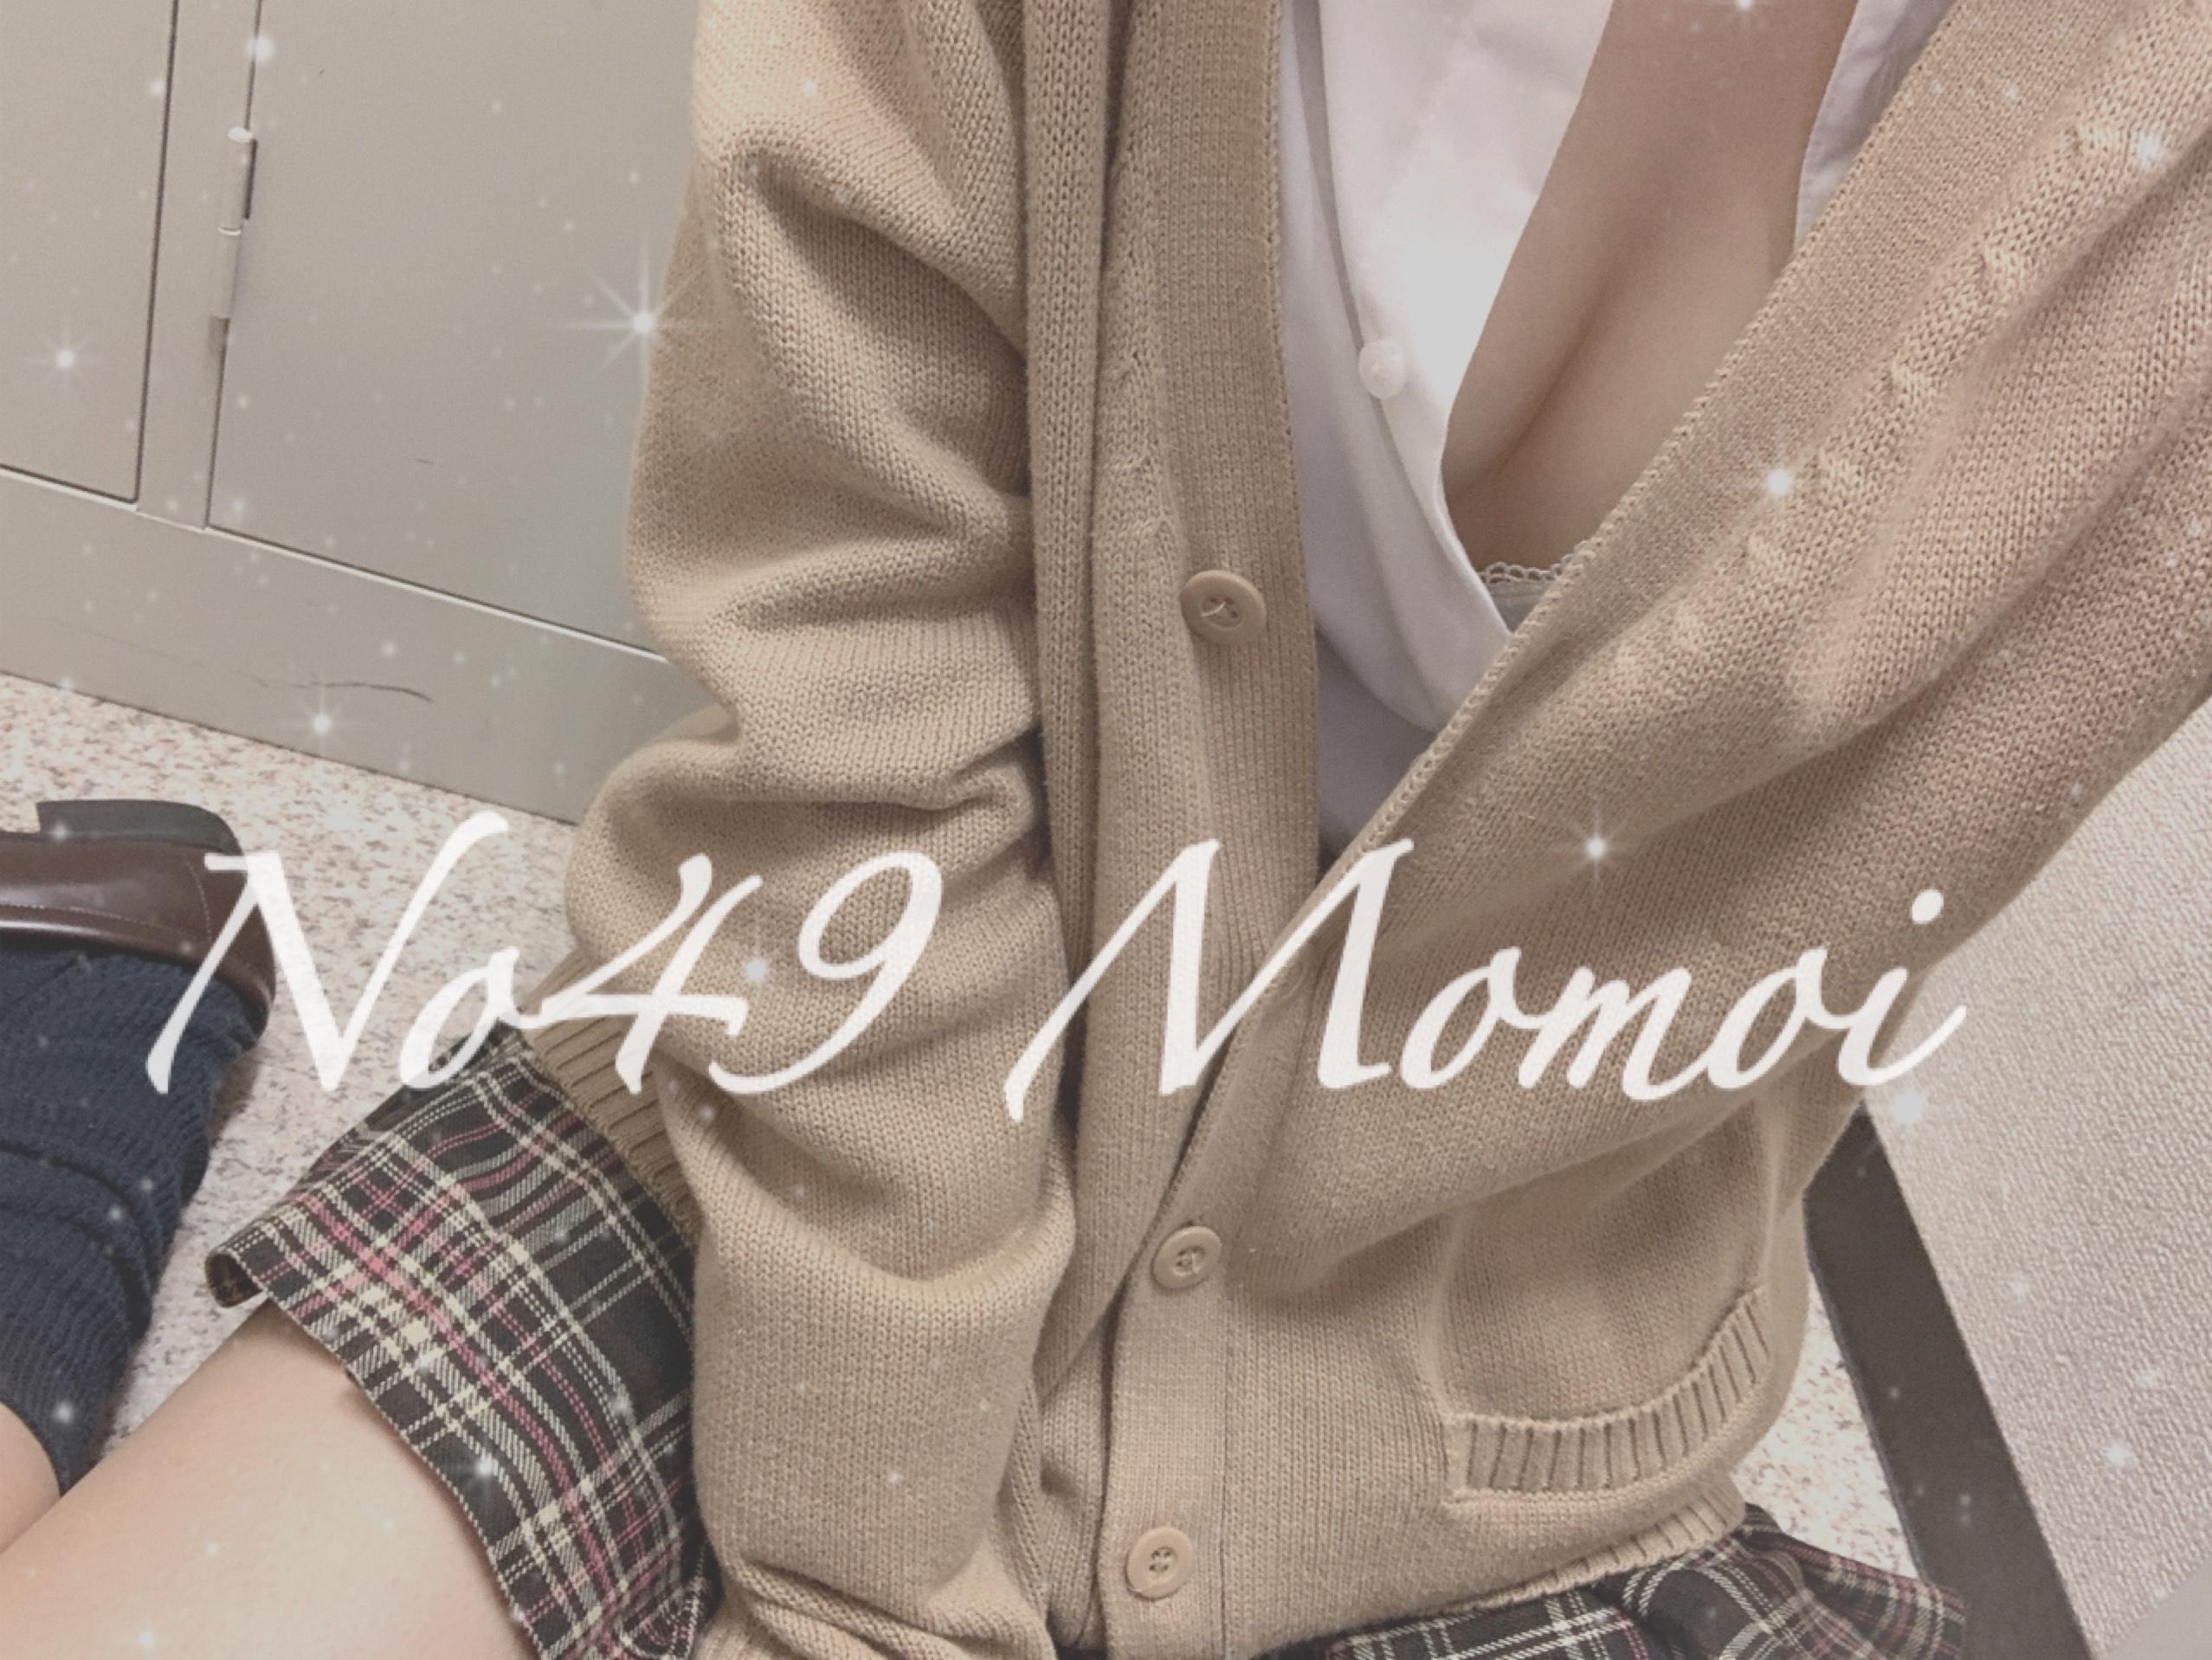 「お久しぶりです♡」04/29(04/29) 09:42 | No.49 桃井の写メ・風俗動画